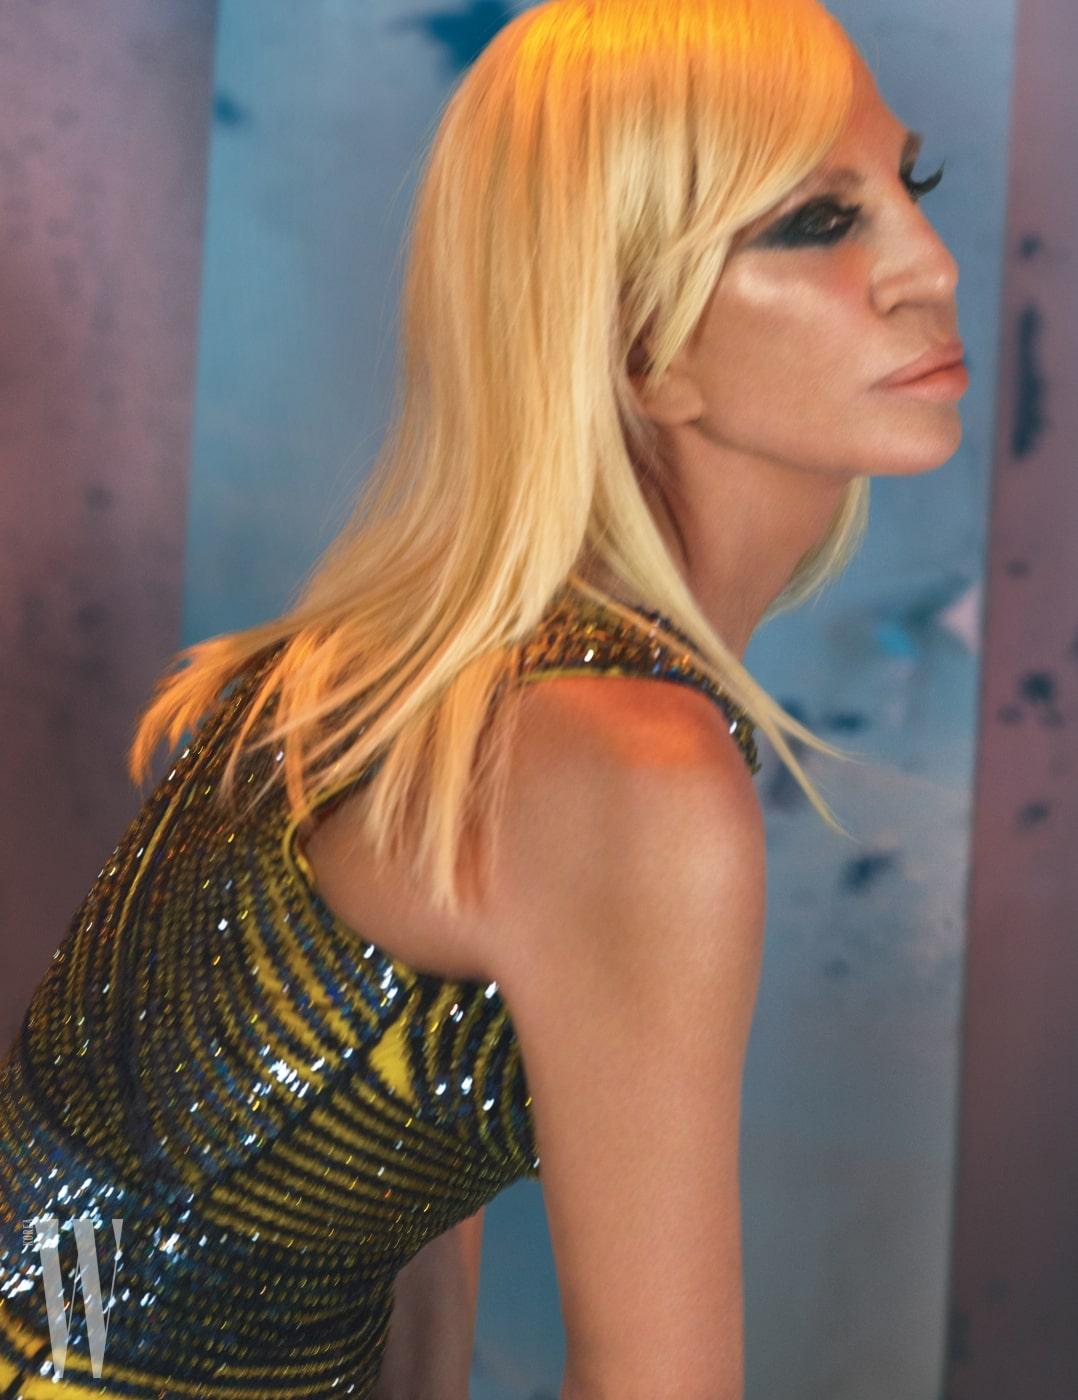 도나텔라 베르사체가 입은 드레스는 Versace 제품.